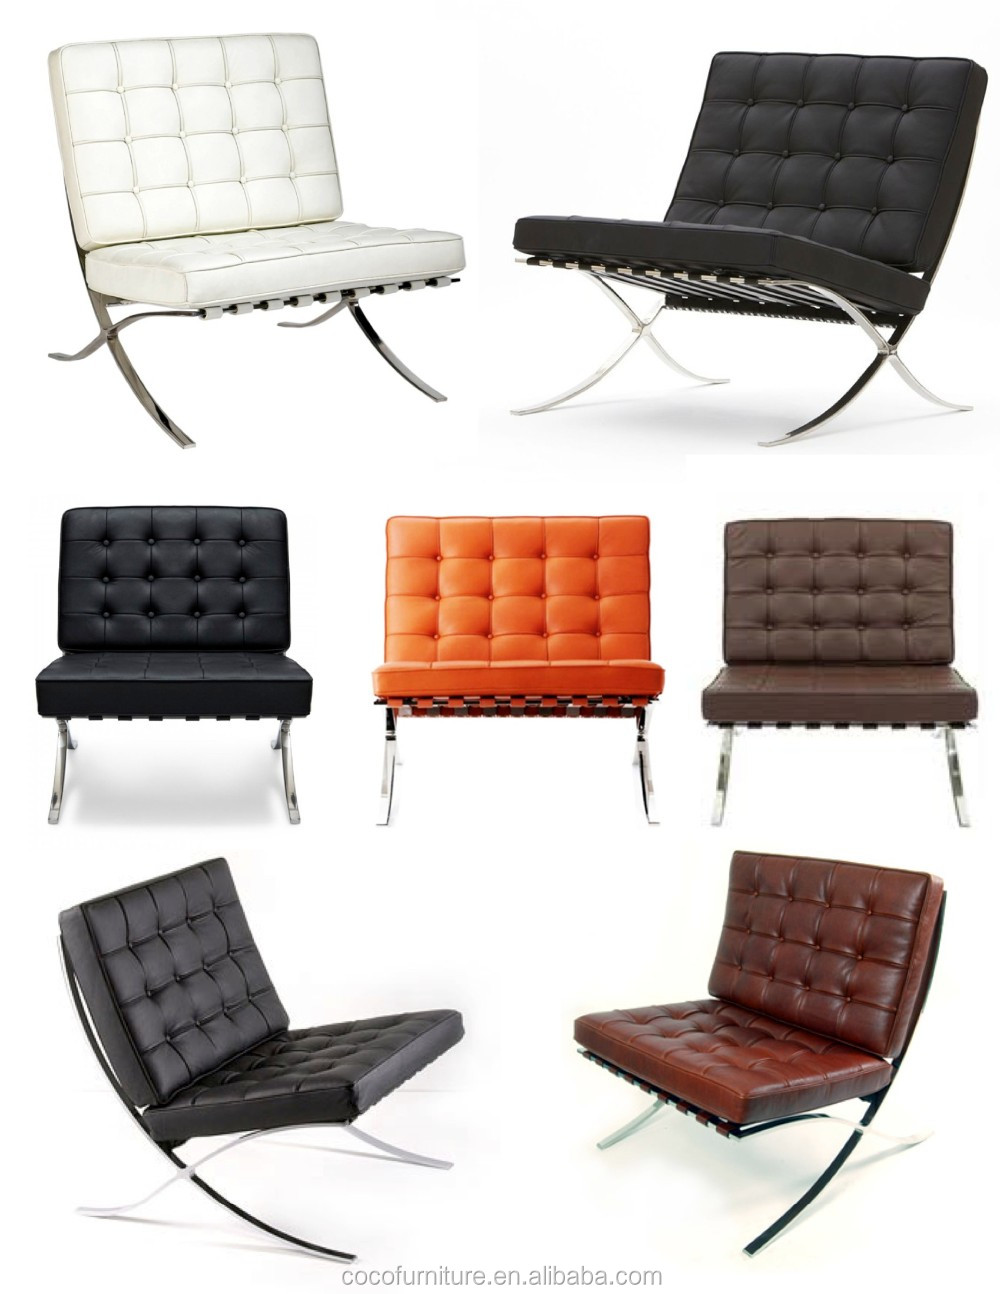 Barcelone chaise avec pouf barcelone table barcelone canap chaises de salo - Capitonner un fauteuil ...